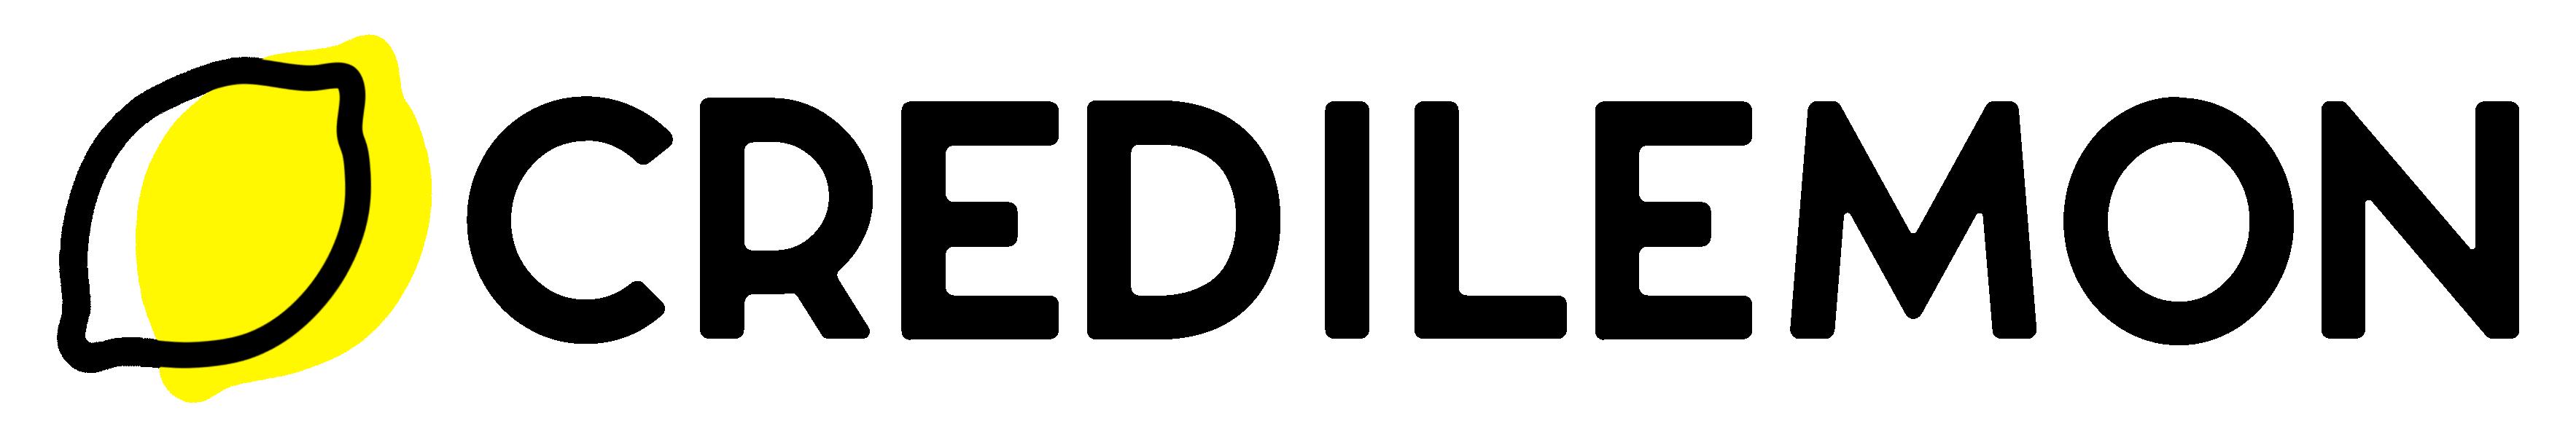 Credilemon